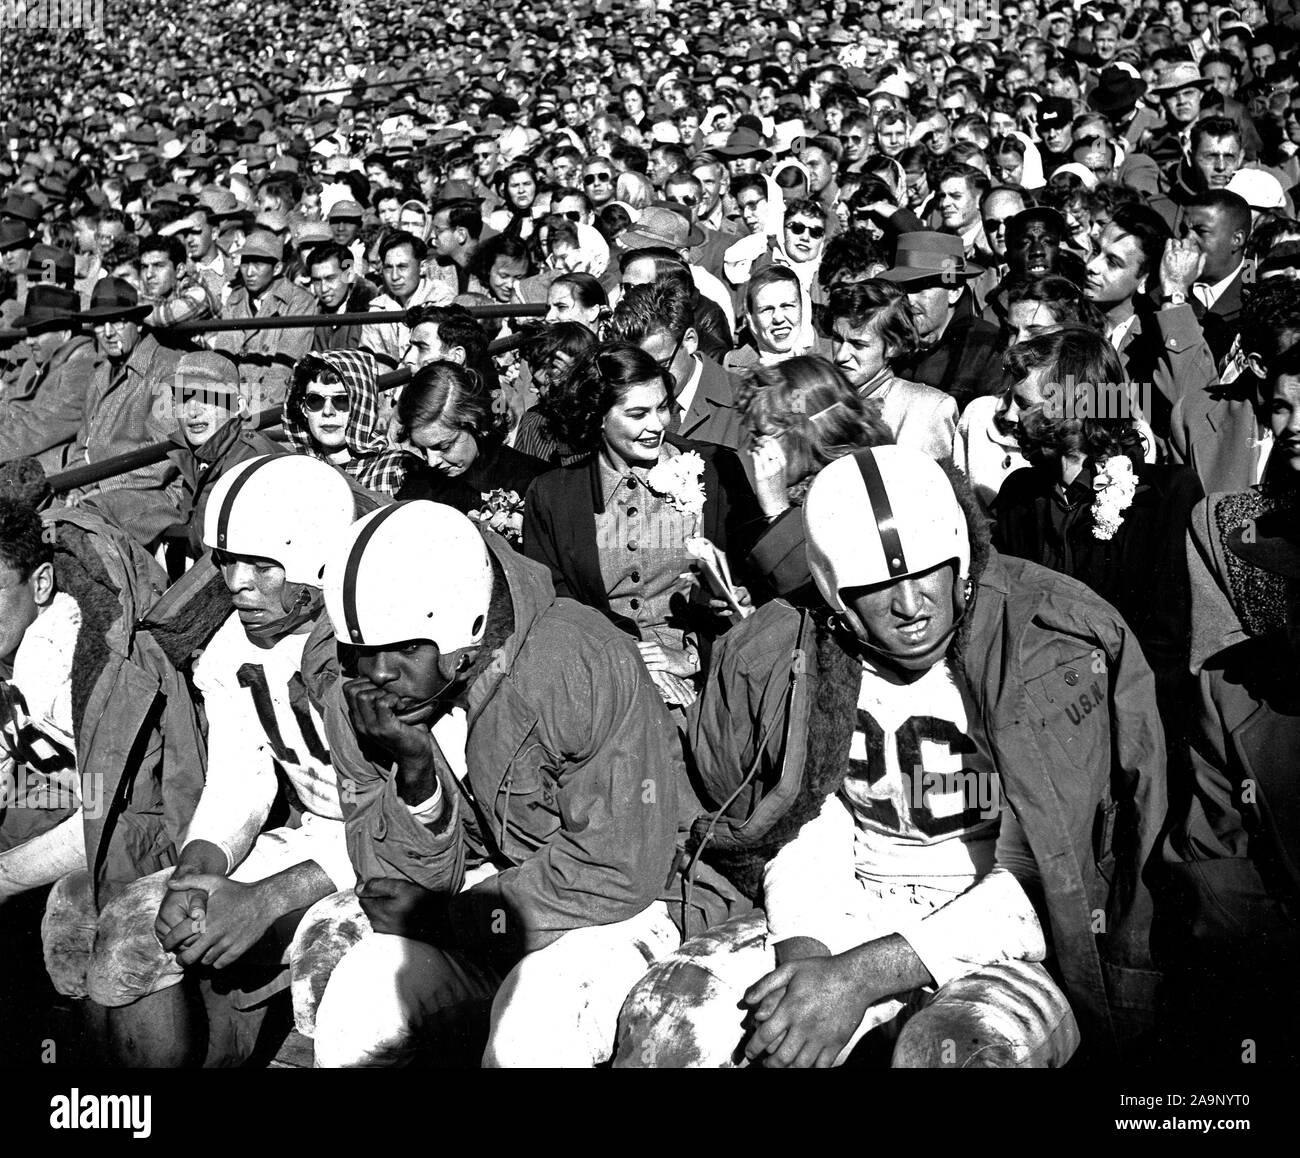 Mayo 1950 - Vista de multitud de Fútbol y los jugadores en el banco durante el juego Foto de stock